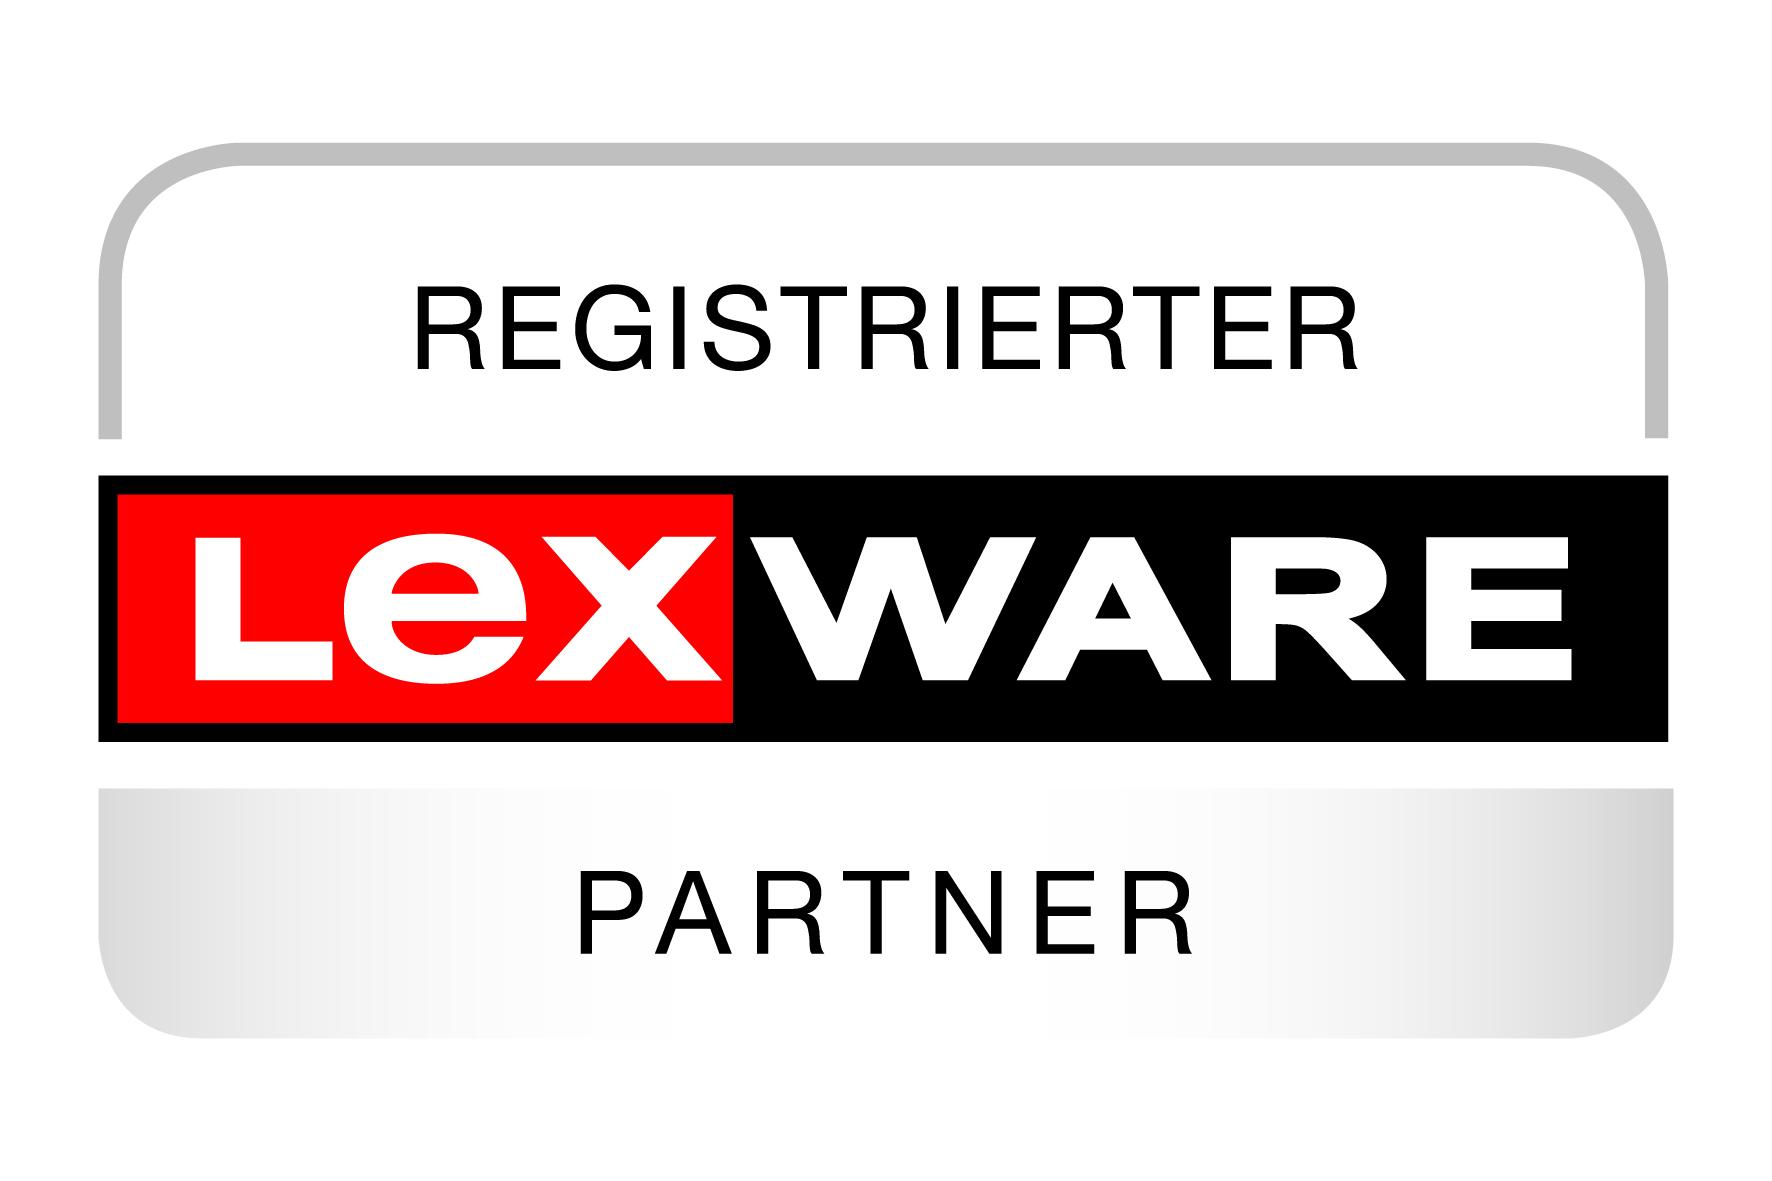 lexware_partner